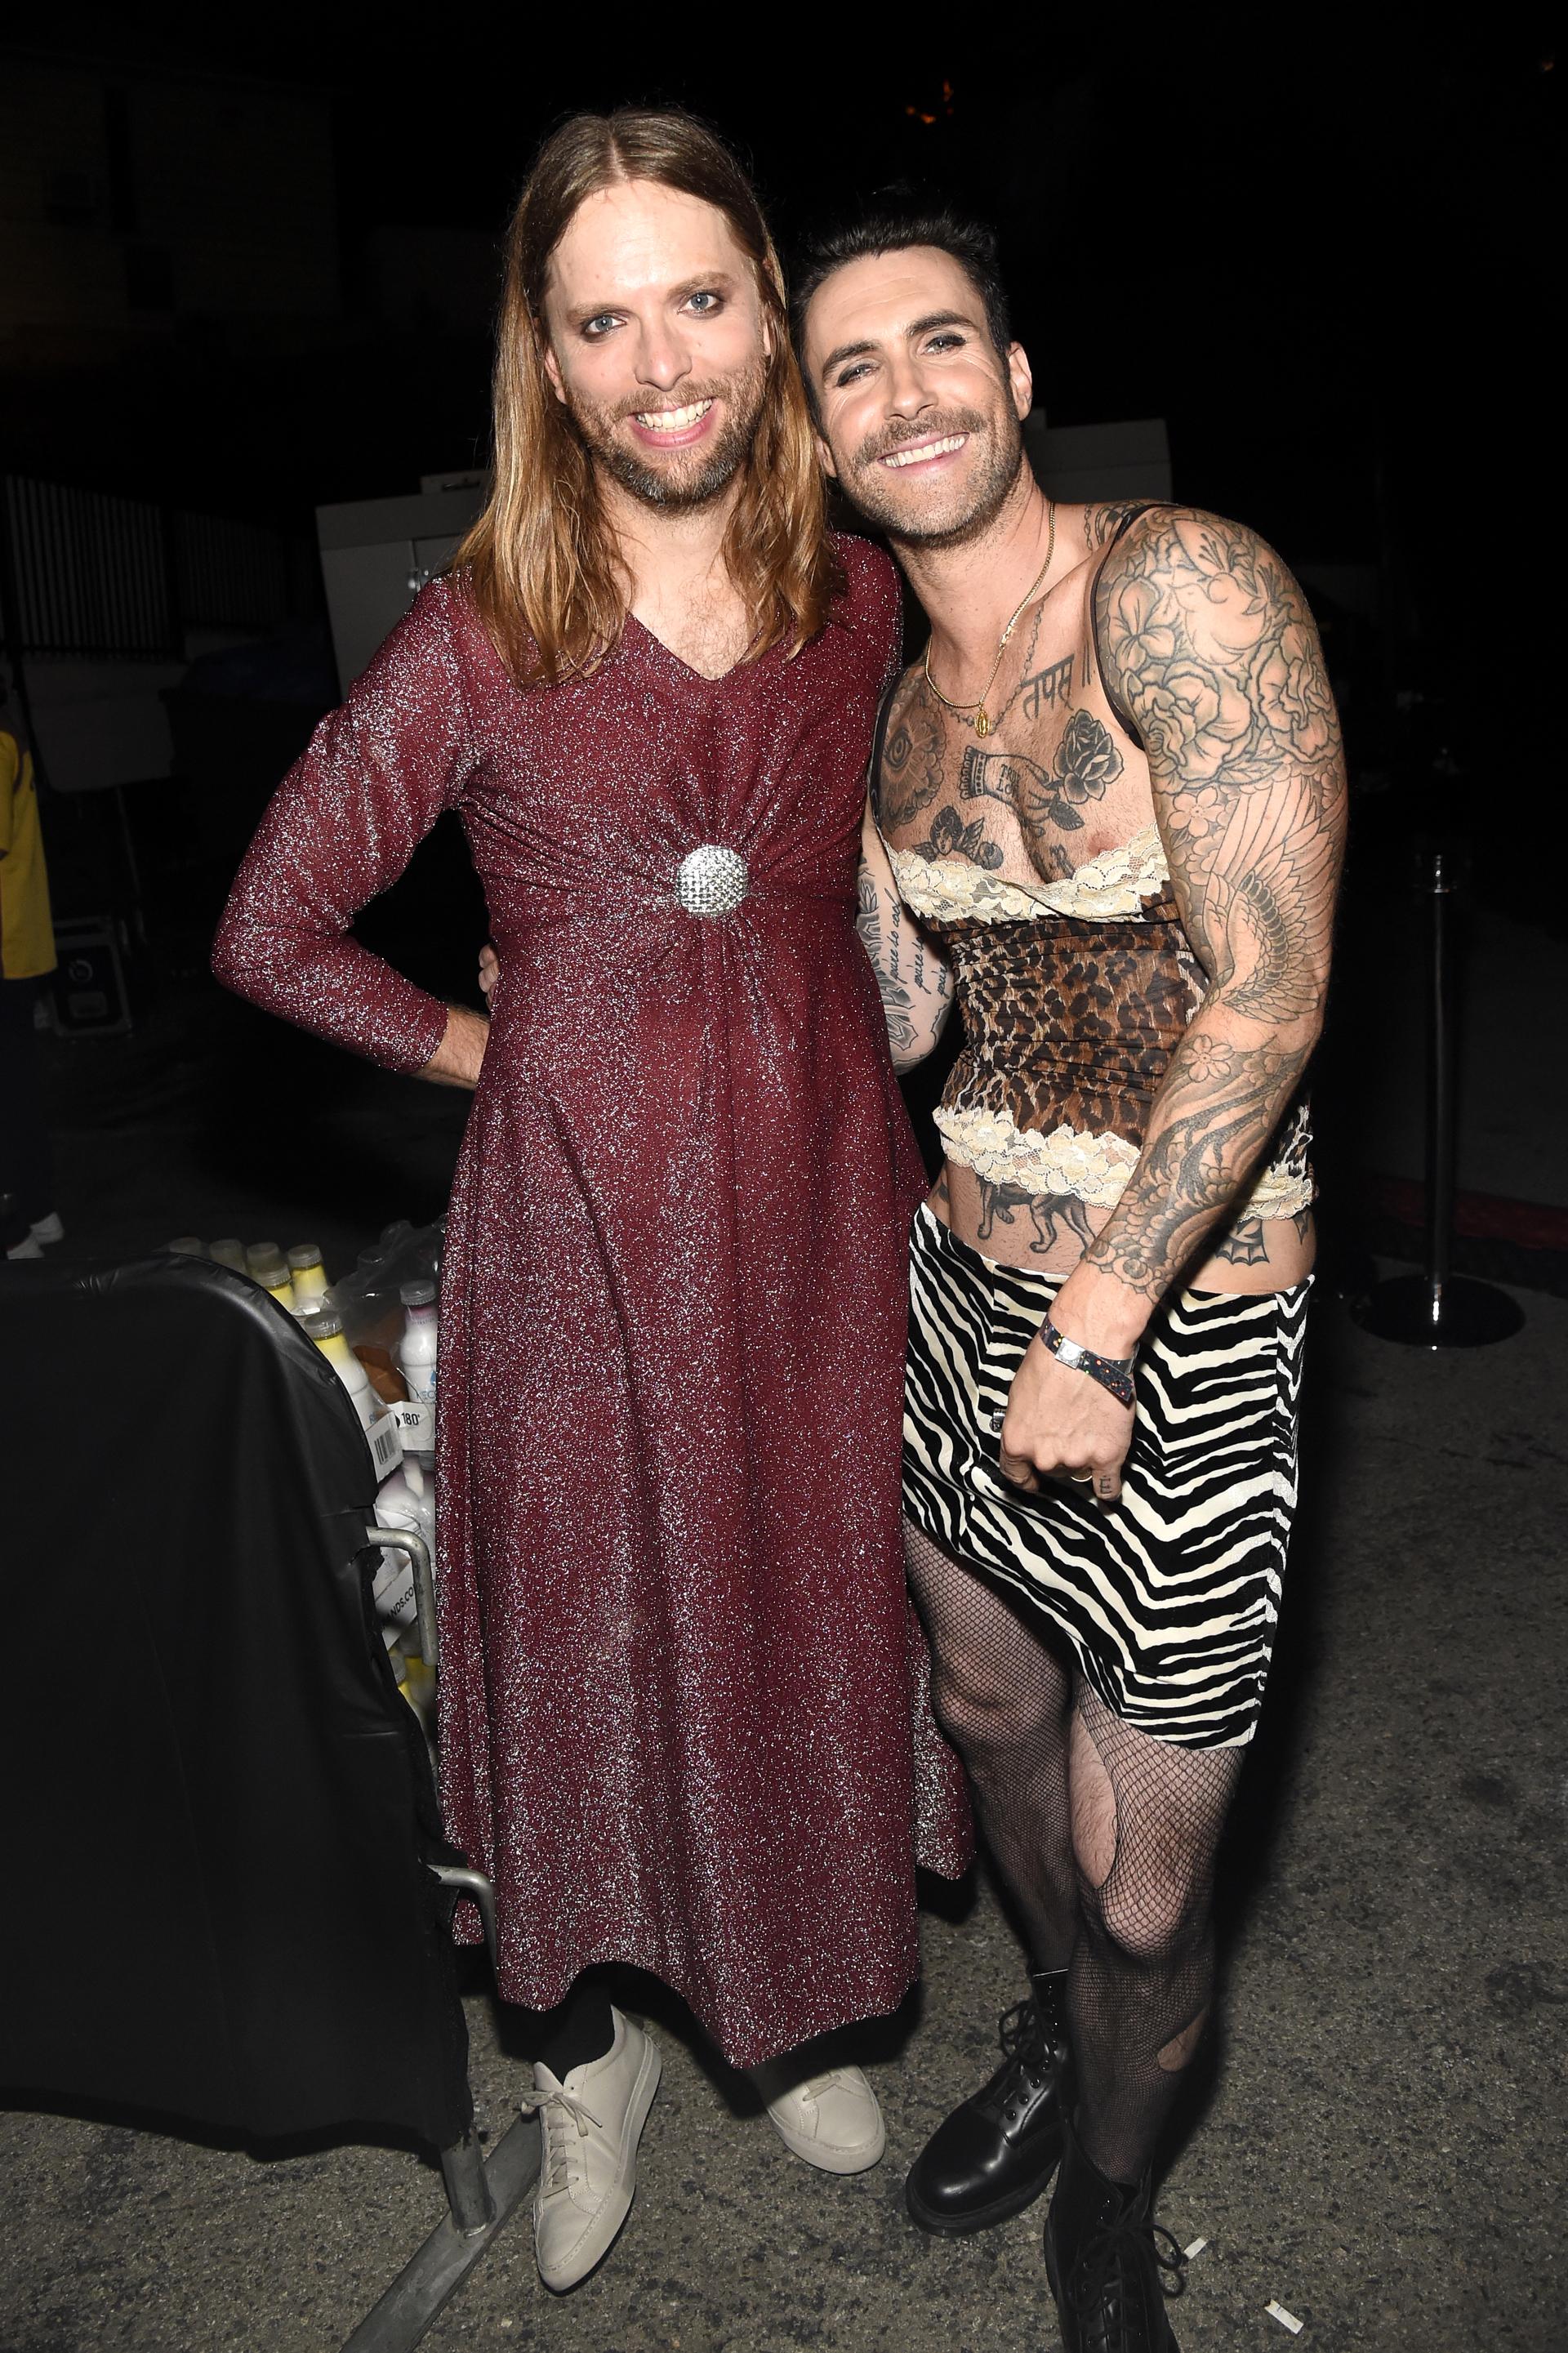 James Valentine y Adam Levine líderes de Maroon 5 no se perdieron la fiesta. James con un vestido en lurex borravino y Adam de animal print y medias de red (Photo by Kevin Mazur/Getty Images for Casamigos Tequila)